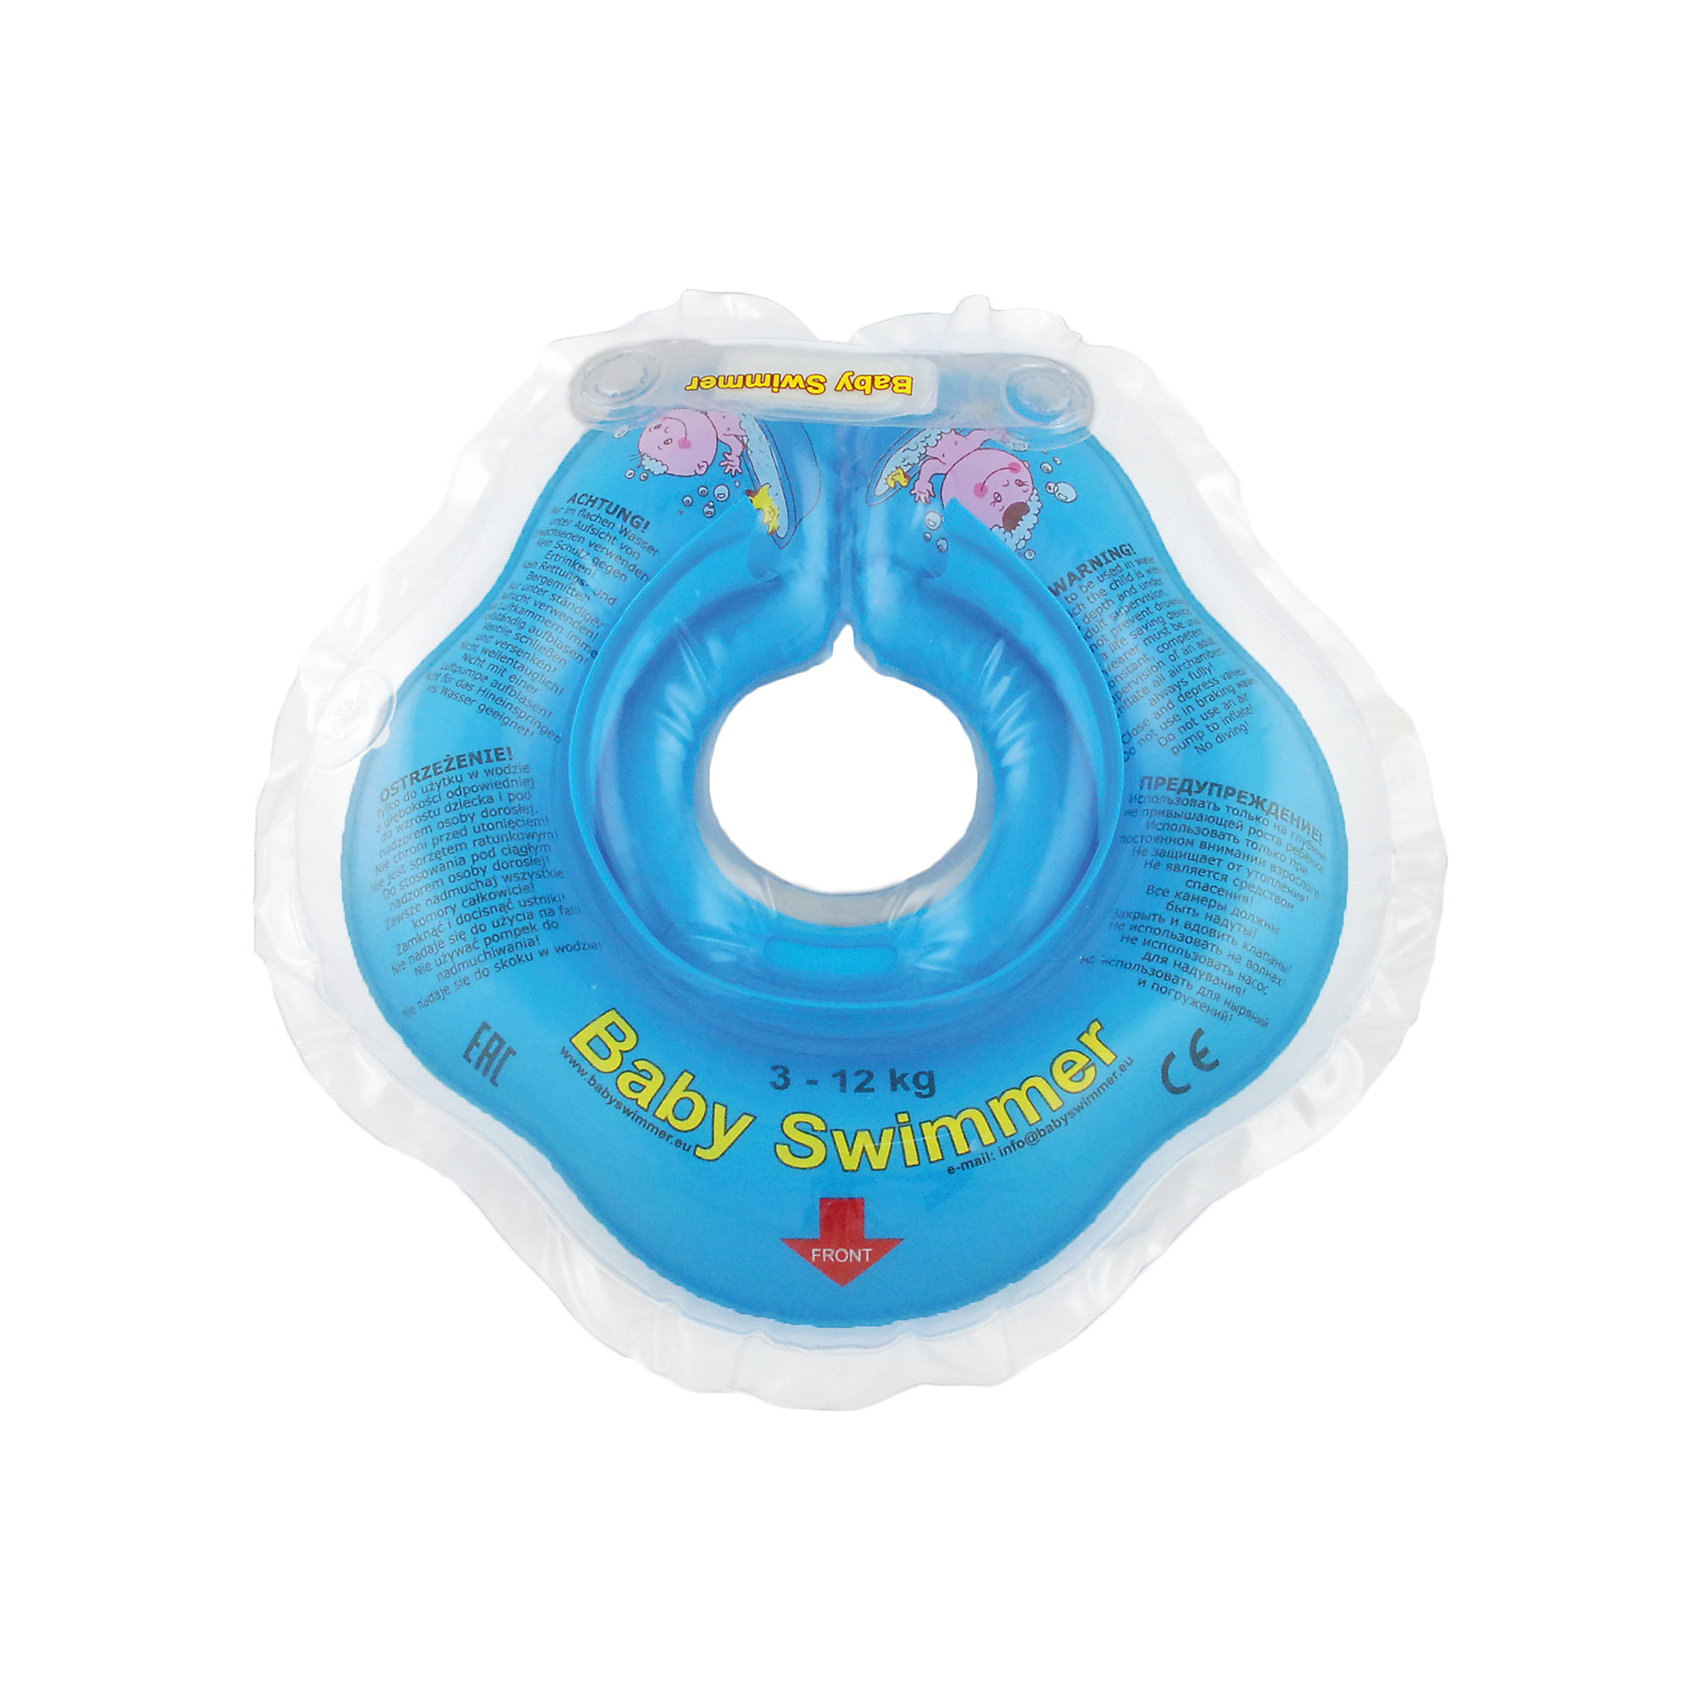 Круг для купания BabySwimmer, голубойКупание младенца - ответственное и важное занятие. Круг для купания Baby Swimmer  обеспечит безопасность процесса, избавит малыша от страха воды и сделает водные процедуры веселой игрой. У круга есть устройство, поддерживающее подбородок, что позволит избежать проглатывание воды малышом. У круга яркие цвета, необычный дизайн и веселые картинки по бокам, которые понравится всем детям. Все материалы, использованные при разработке и изготовлении круга для купания безопасны для использования, отвечают всем требованиям экологичности и качества детских товаров, а так же гипоаллергенны.<br><br>Дополнительная информация:<br><br>модель: Baby Swimmer;<br>цвет: голубой.<br><br>Круг для купания Baby Swimmer можно приобрести в нашем магазине.<br><br>Ширина мм: 150<br>Глубина мм: 40<br>Высота мм: 150<br>Вес г: 140<br>Возраст от месяцев: 0<br>Возраст до месяцев: 24<br>Пол: Унисекс<br>Возраст: Детский<br>SKU: 4968094